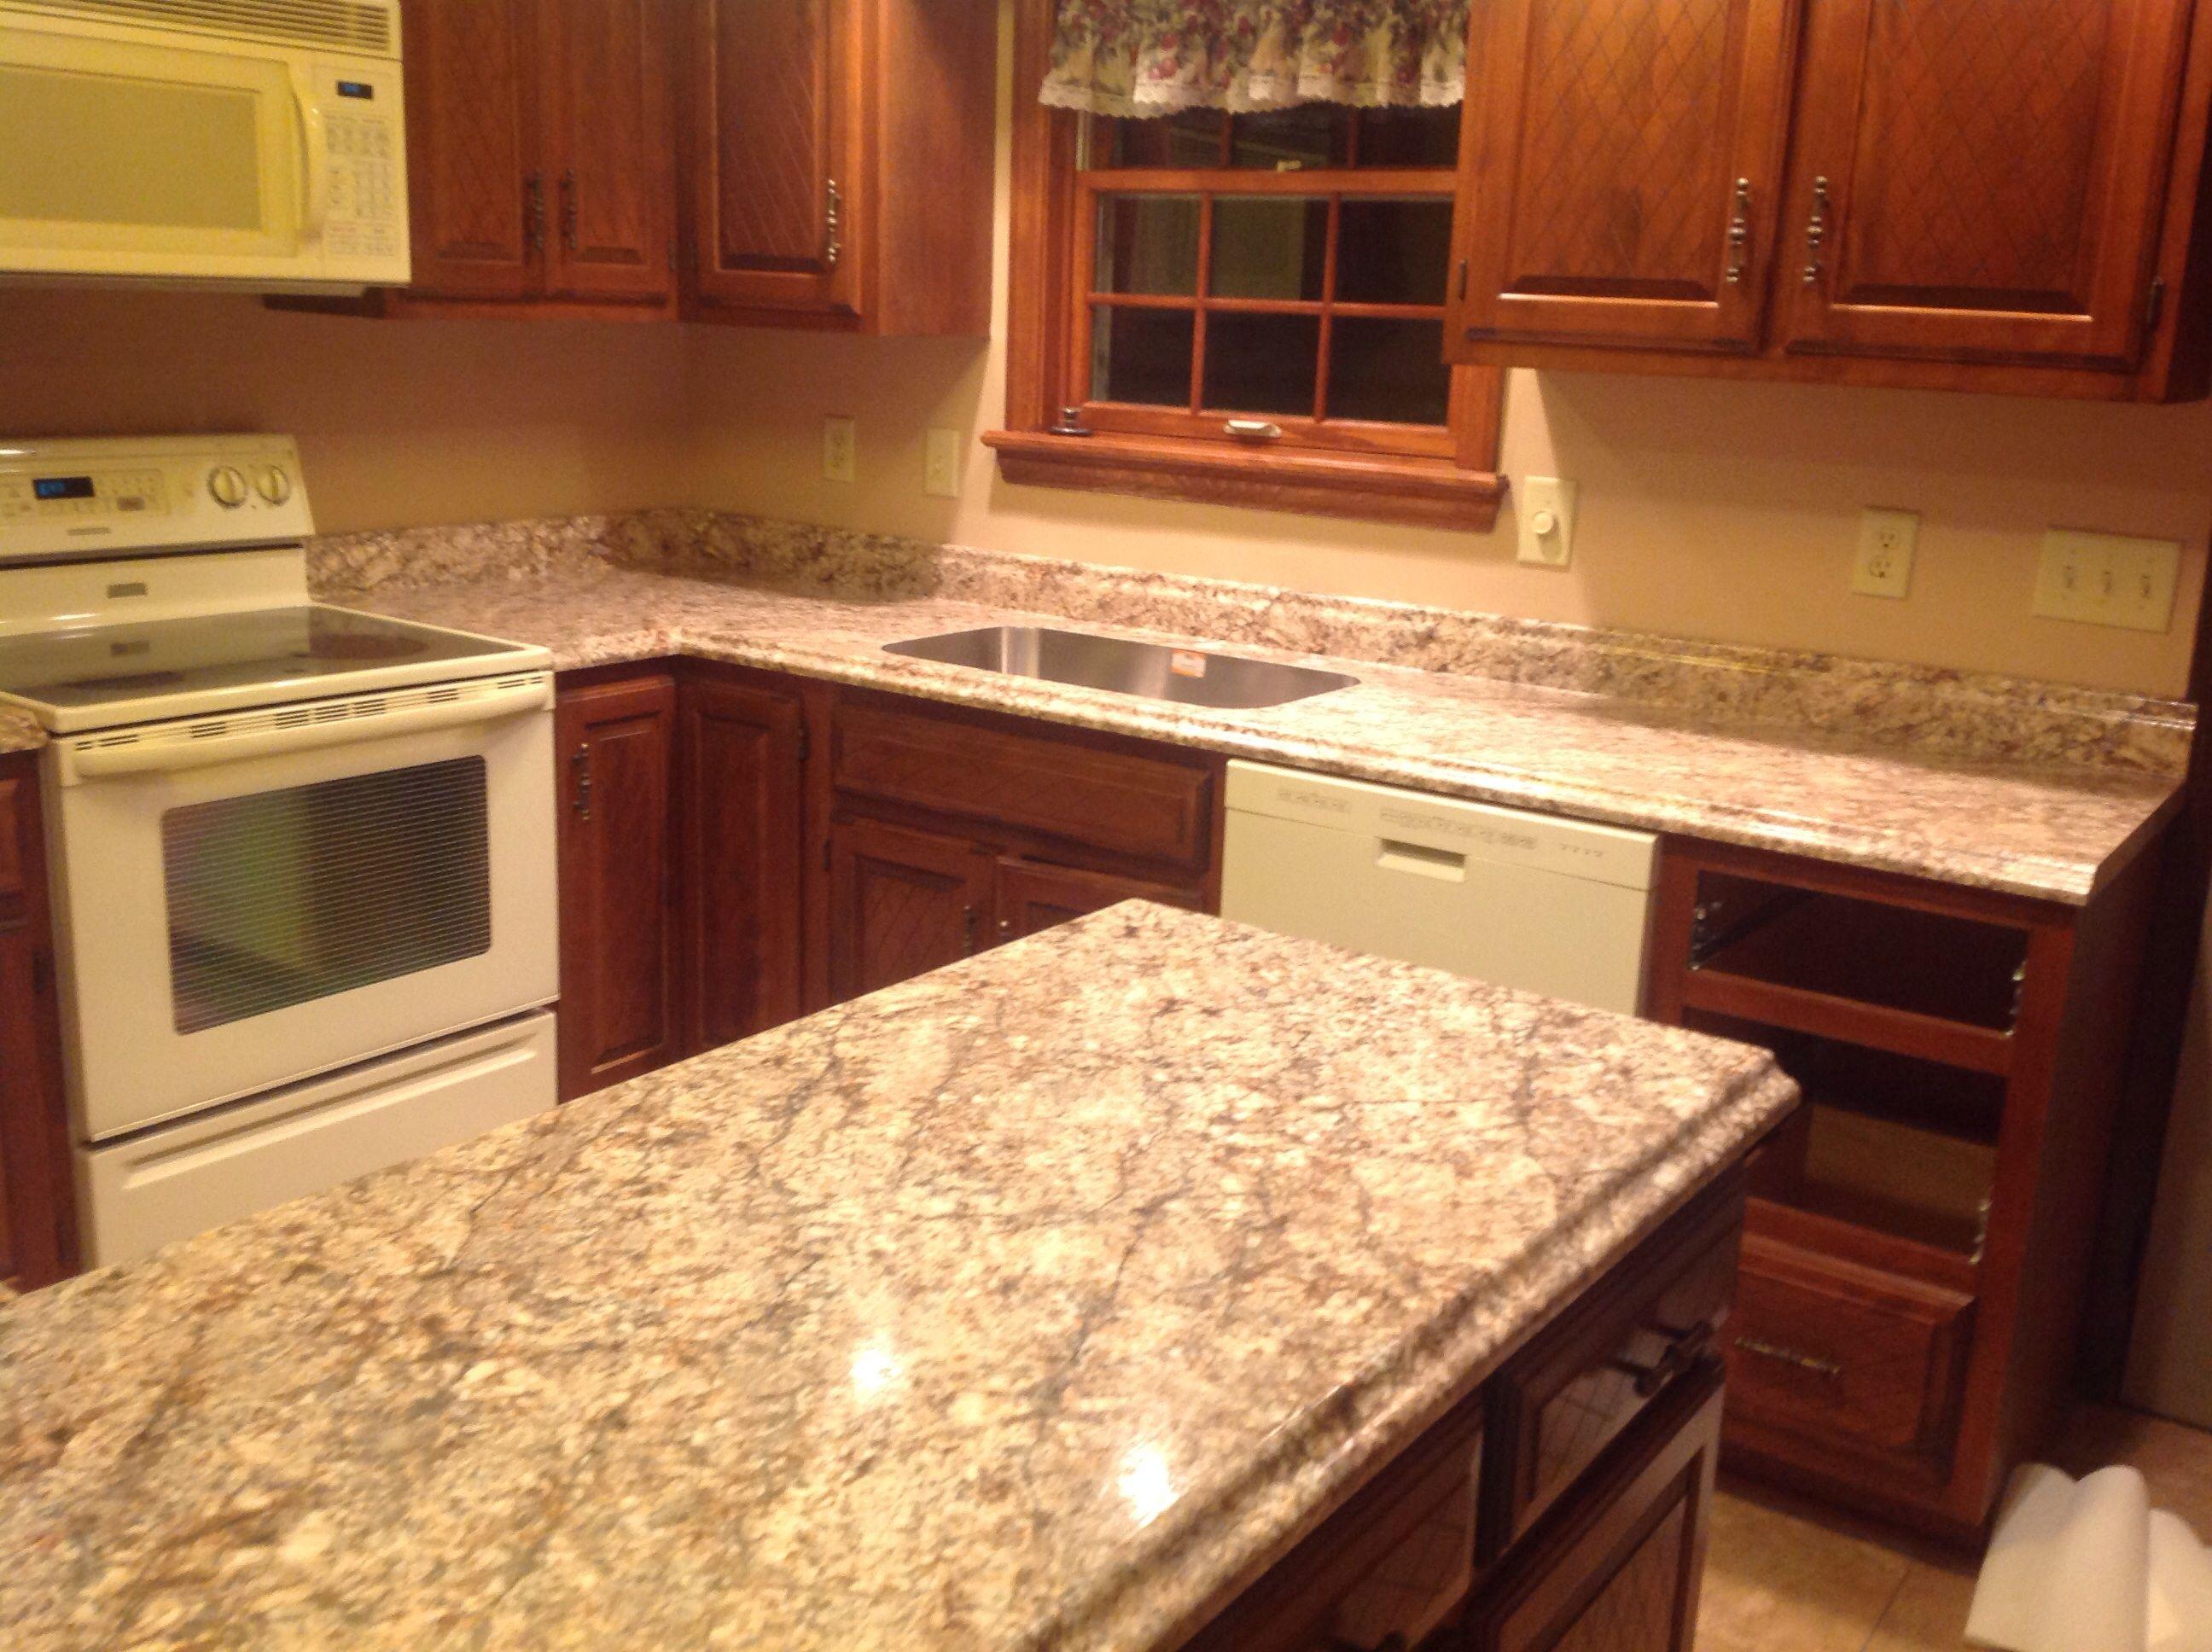 Kitchen Cabinets Pittsburgh Pa Vangura Laminate Vangura Pittsburgh Laminate Stone Natural